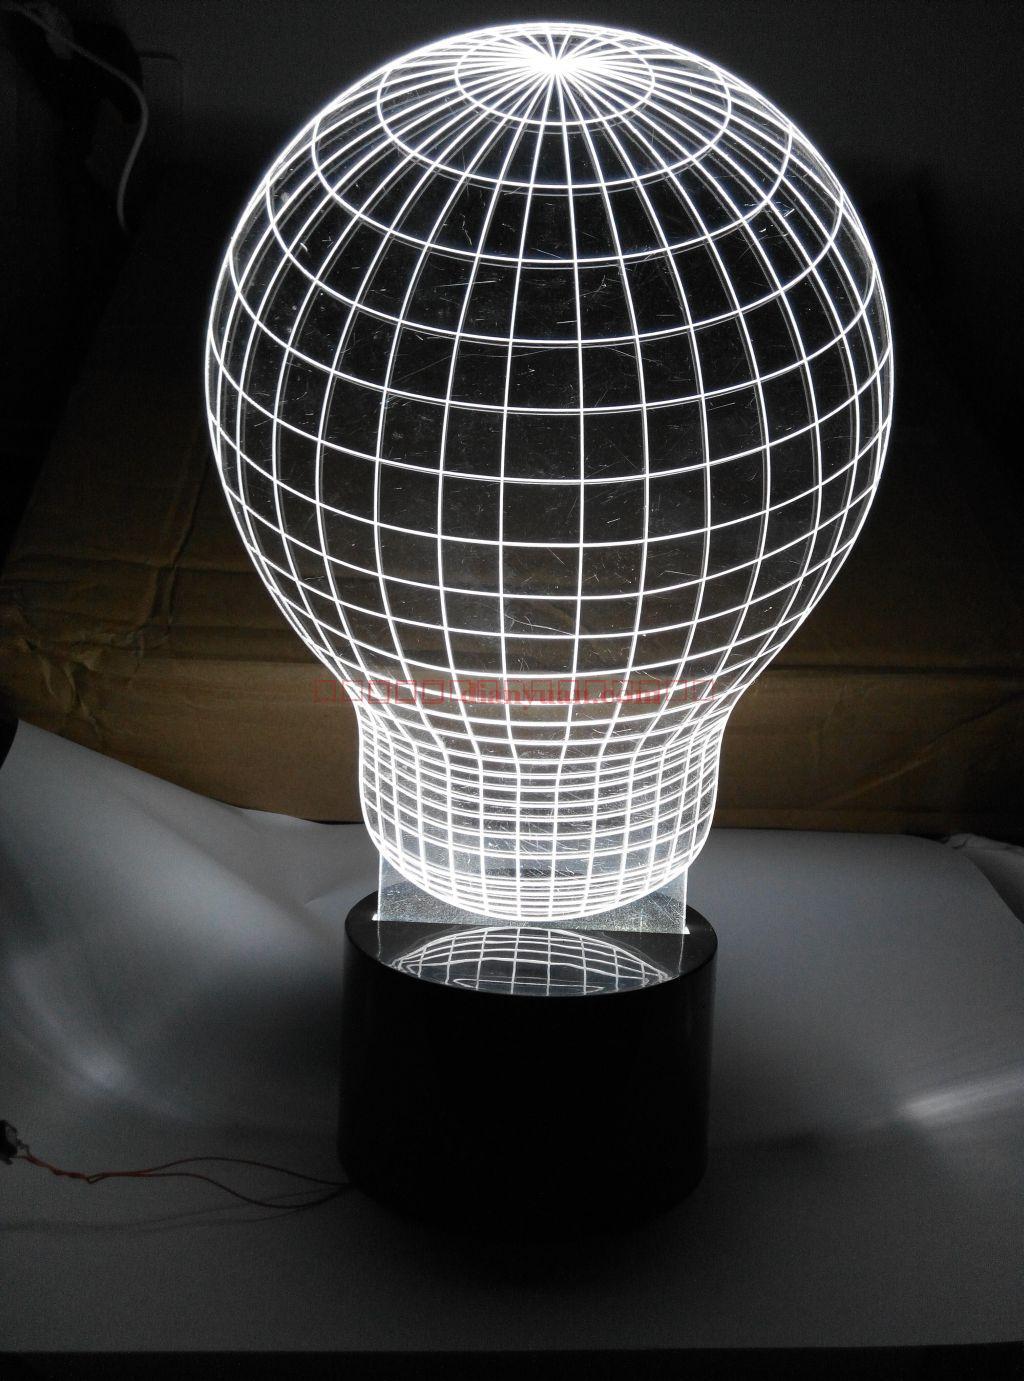 5-2:灯板设计成可以拆卸结构,让用户可以多选择性;当你厌倦了